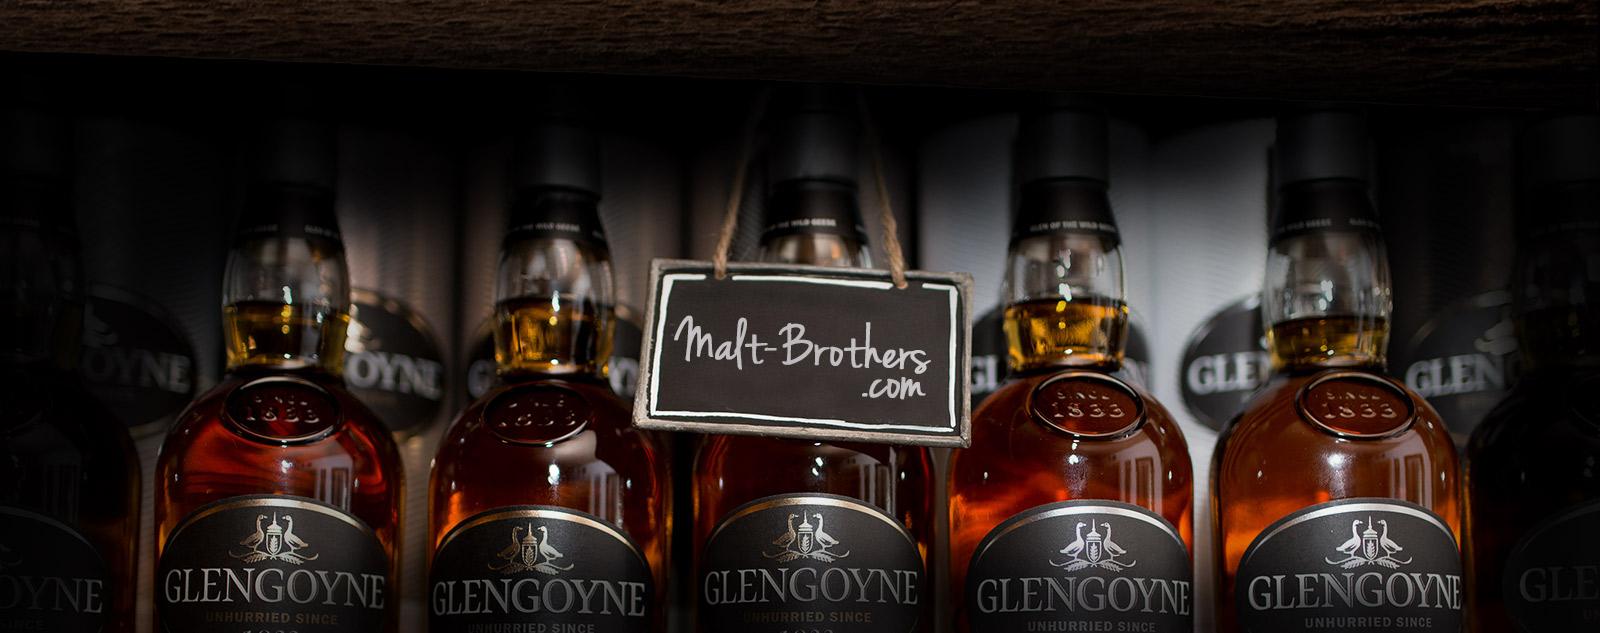 Malt Brothers